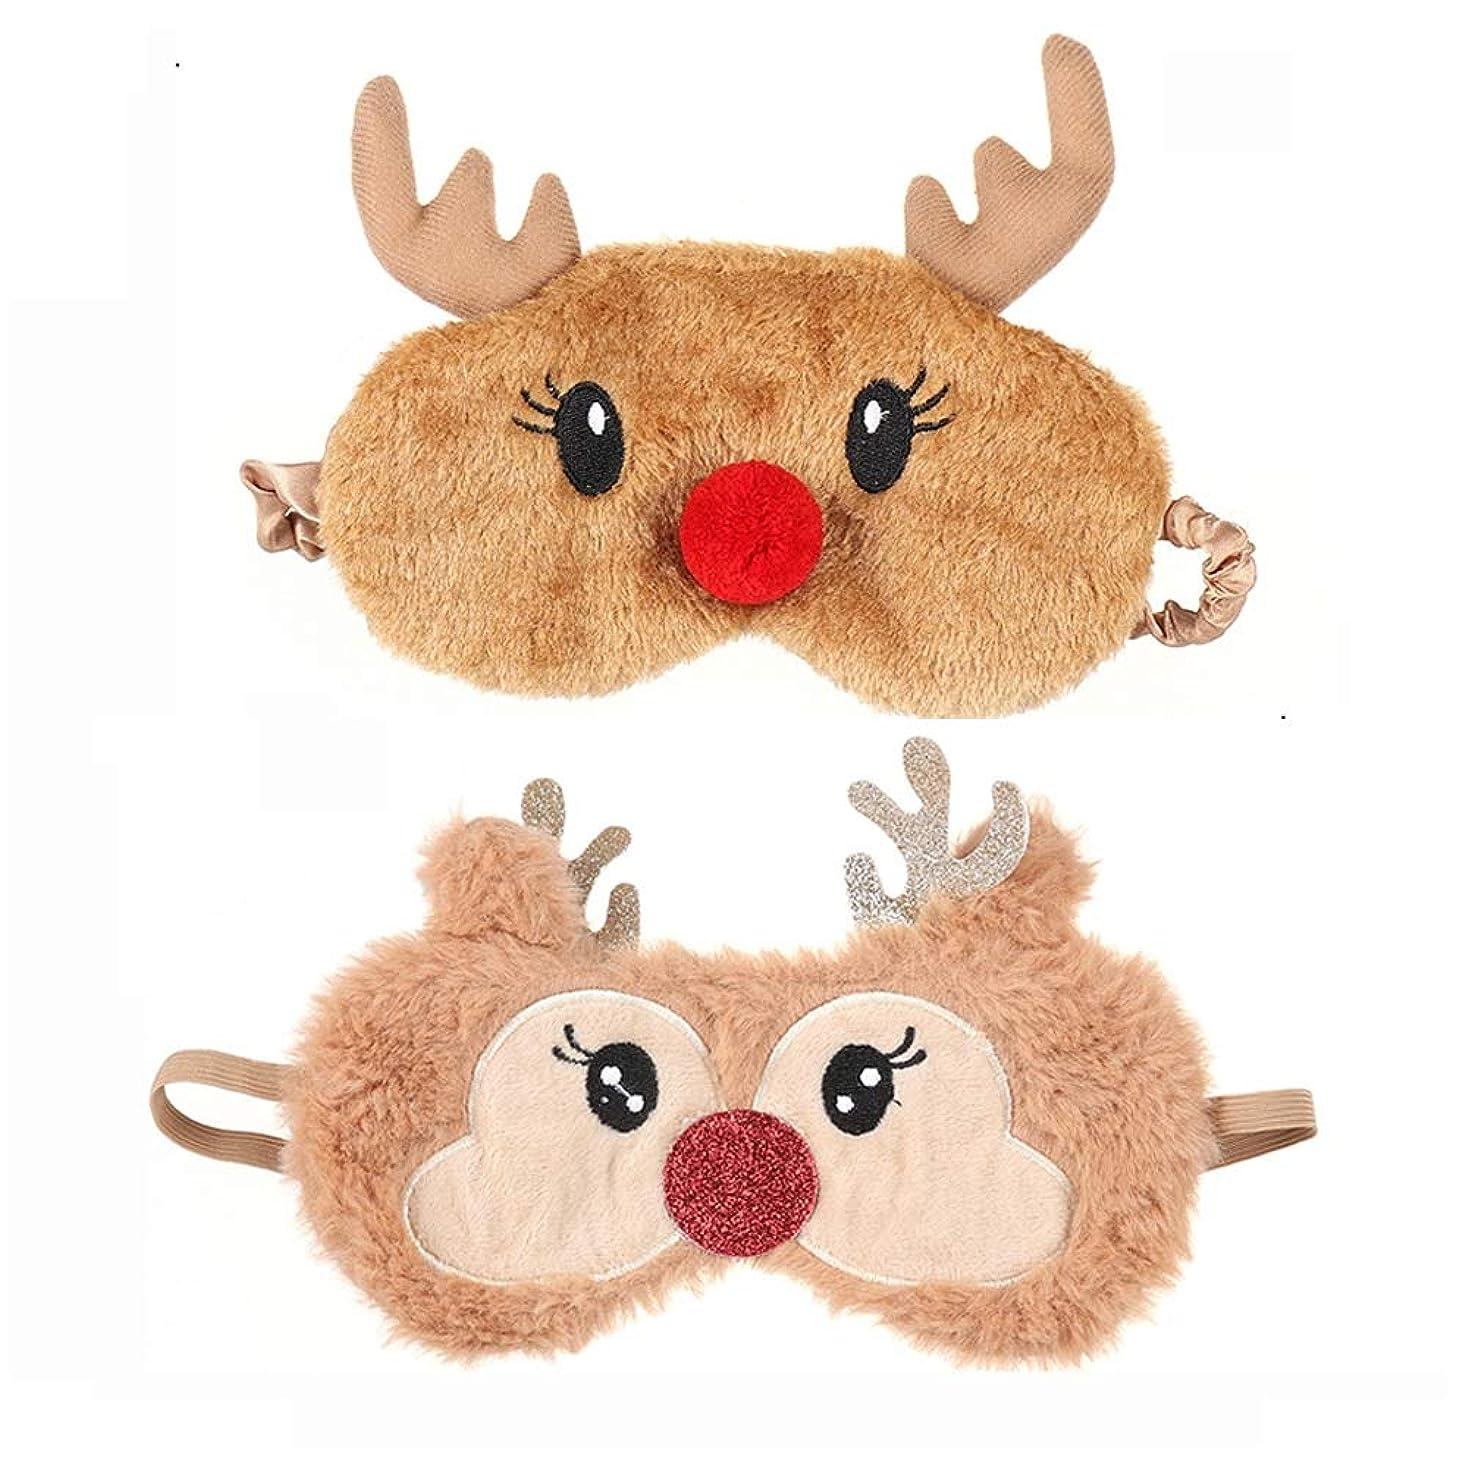 粘性の感情腸NOTE クリスマス鹿アイカバーぬいぐるみ生地睡眠マスクナチュラル睡眠アイマスクアイシェードかわいいアイシェードパッチ用クリスマスプレゼント